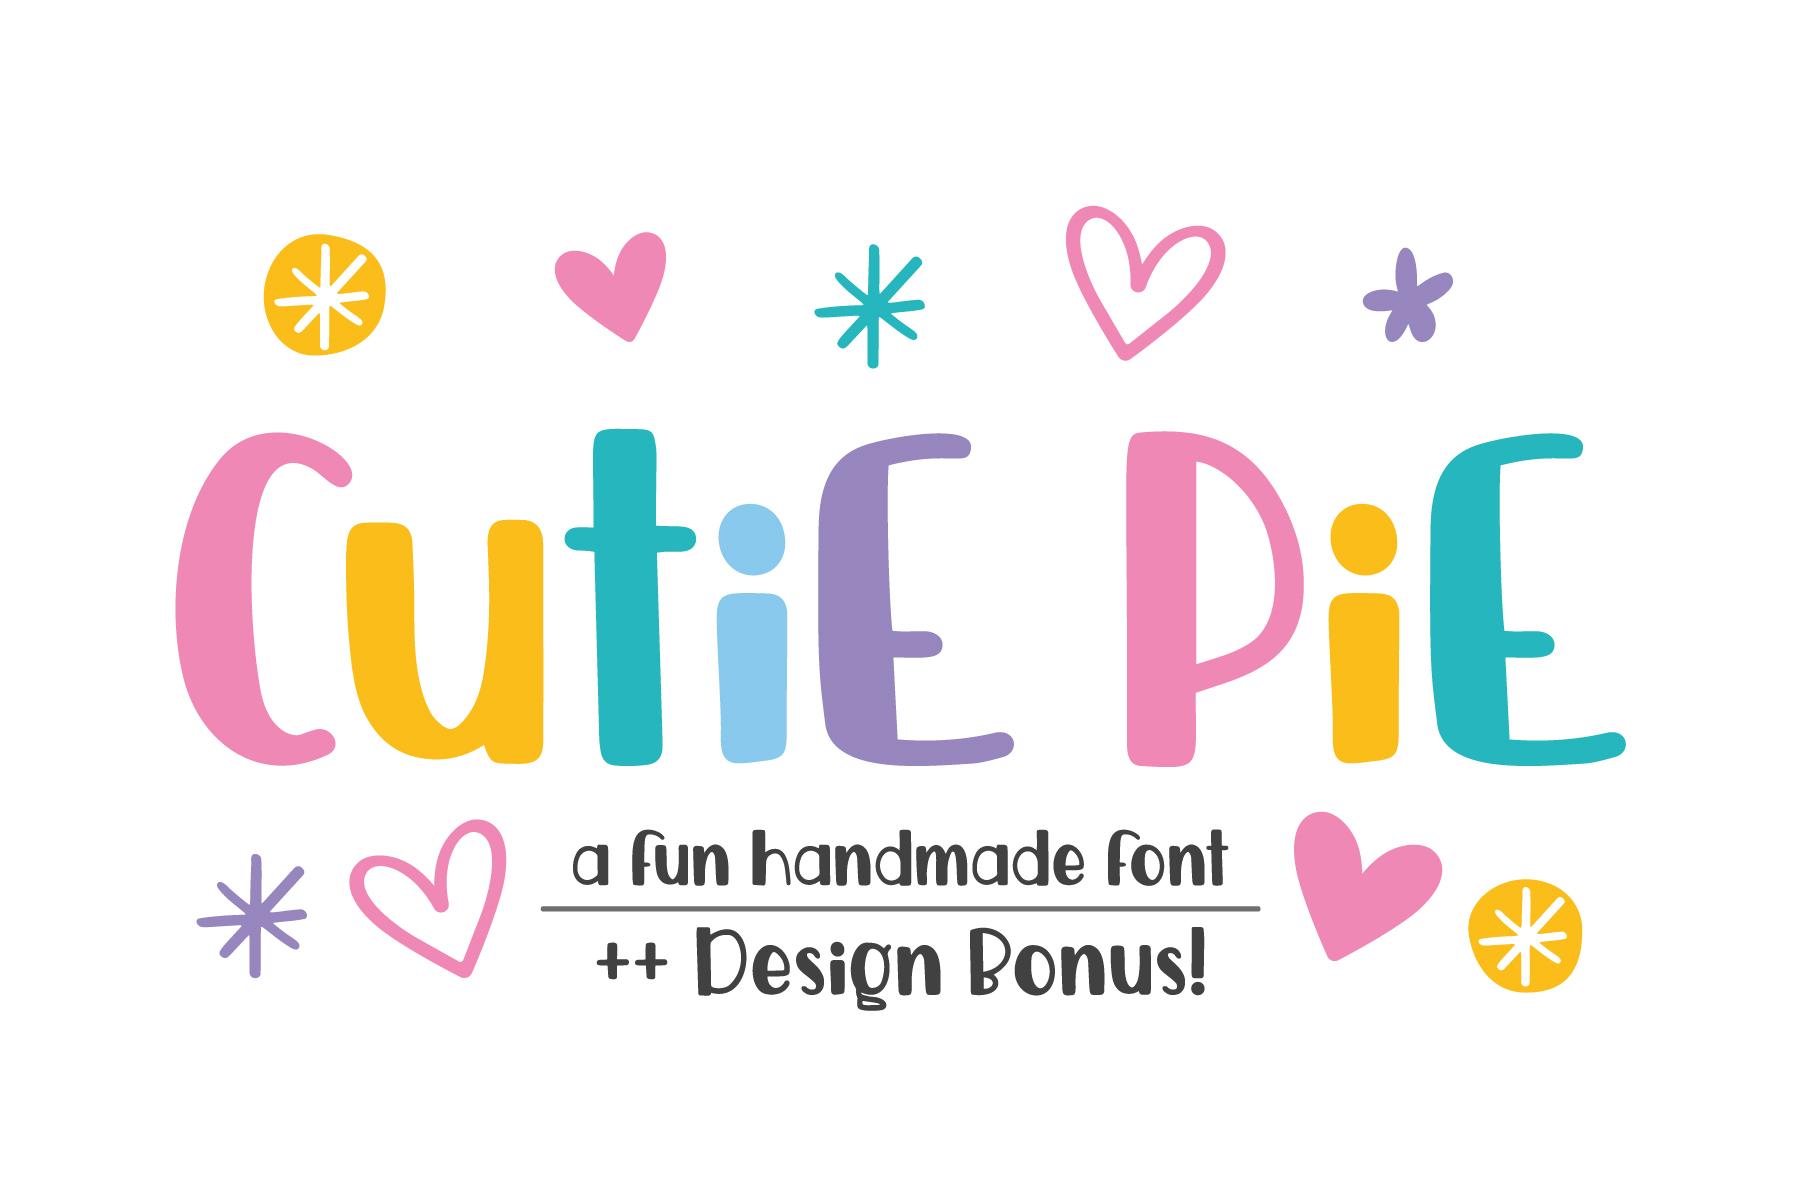 Cutie Pie Font ++ Designs Bonus!  example image 1